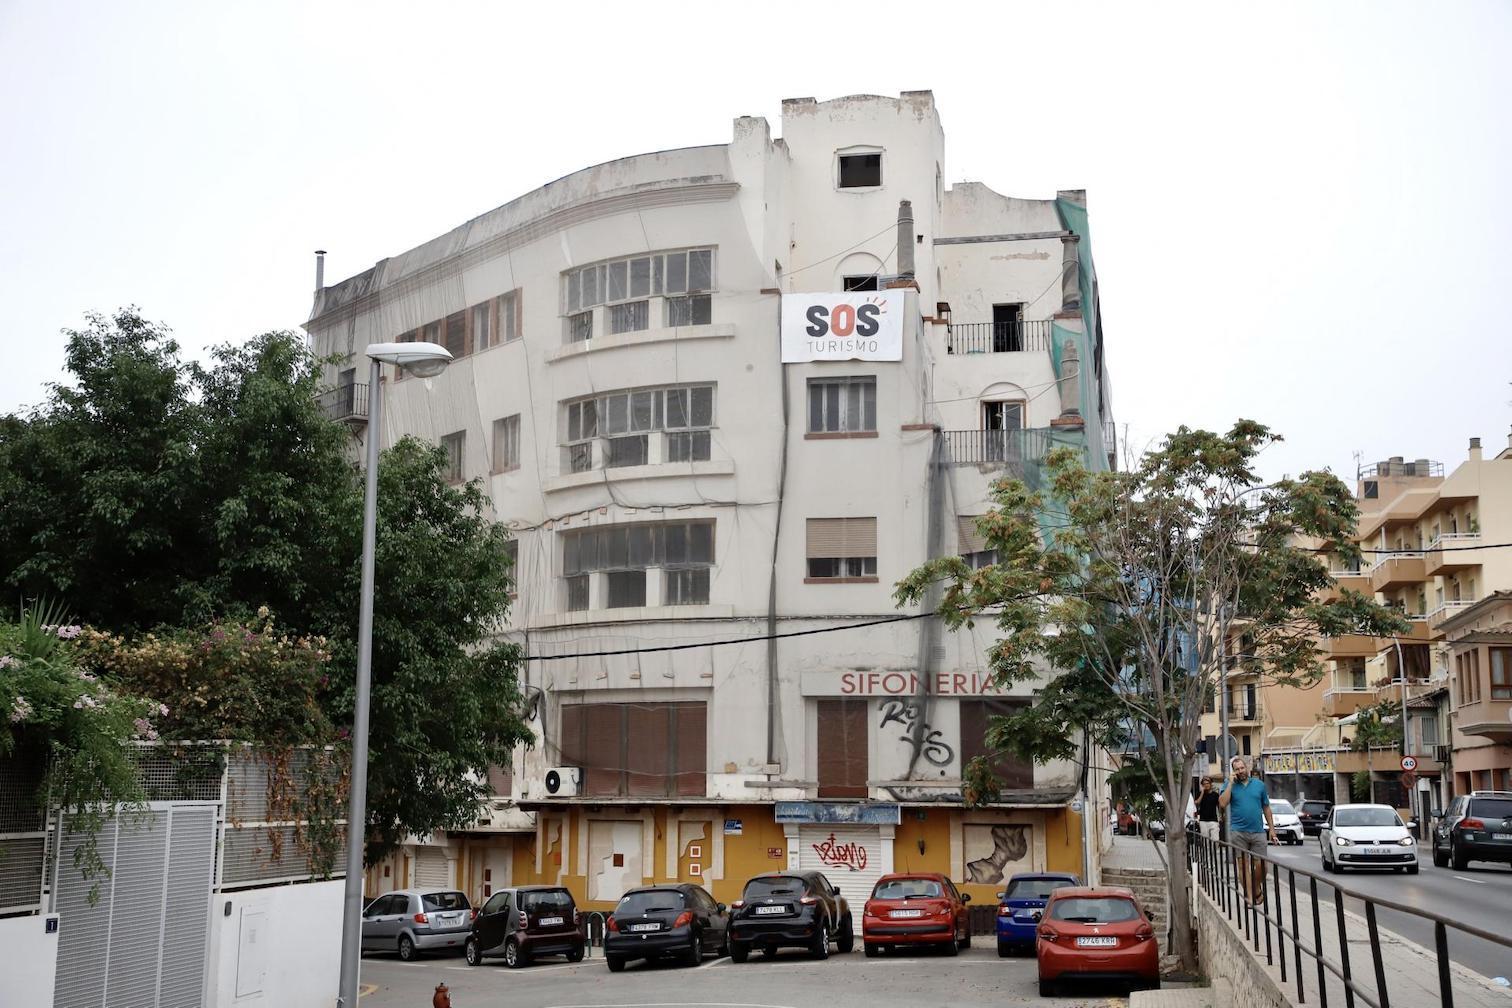 The Sa Sifonería building, Palma.